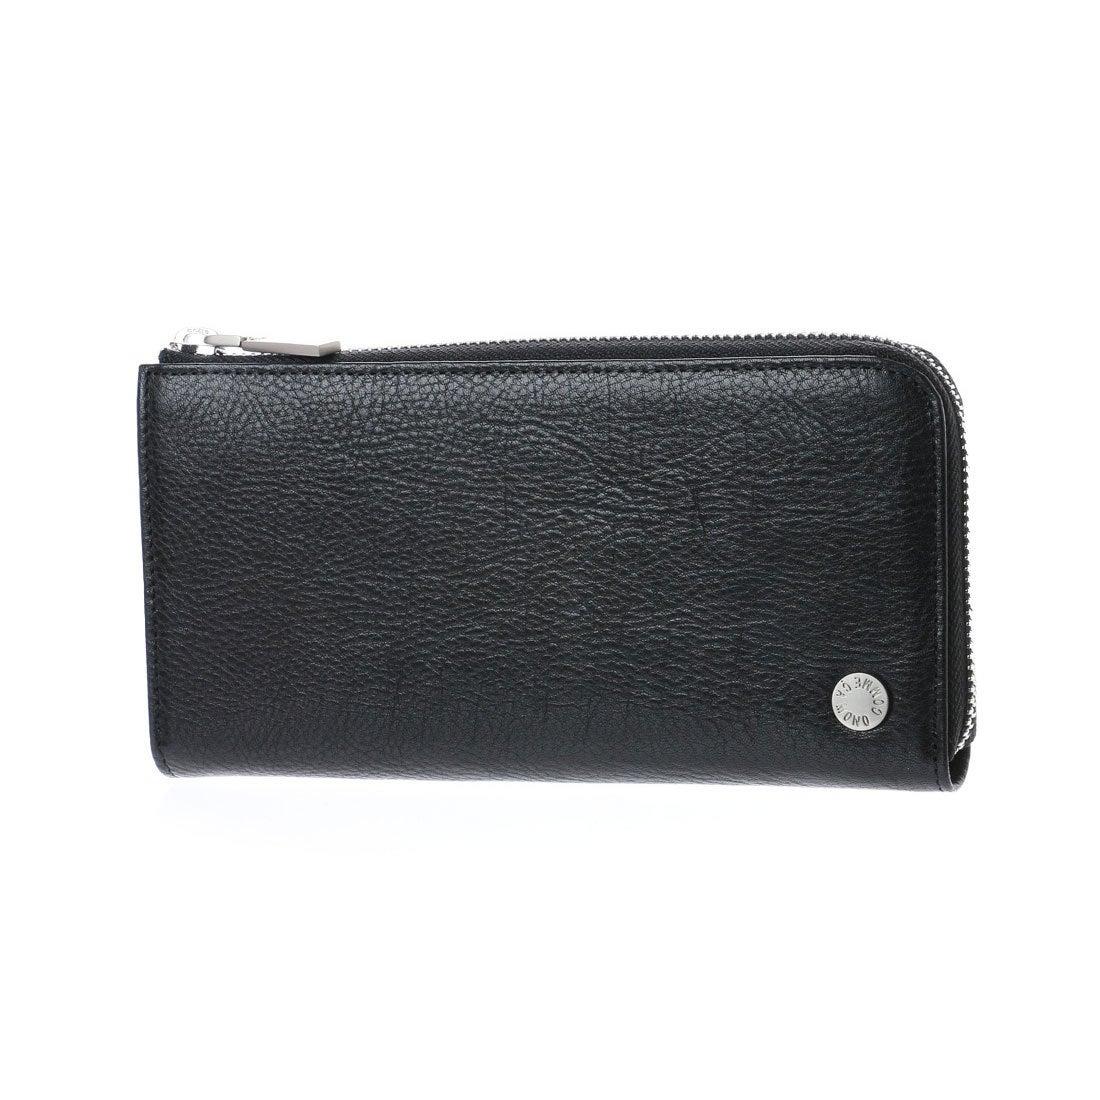 コムサイズム COMME CA ISM MONOL字ファスナー型長財布 (ブラック) レディース メンズ